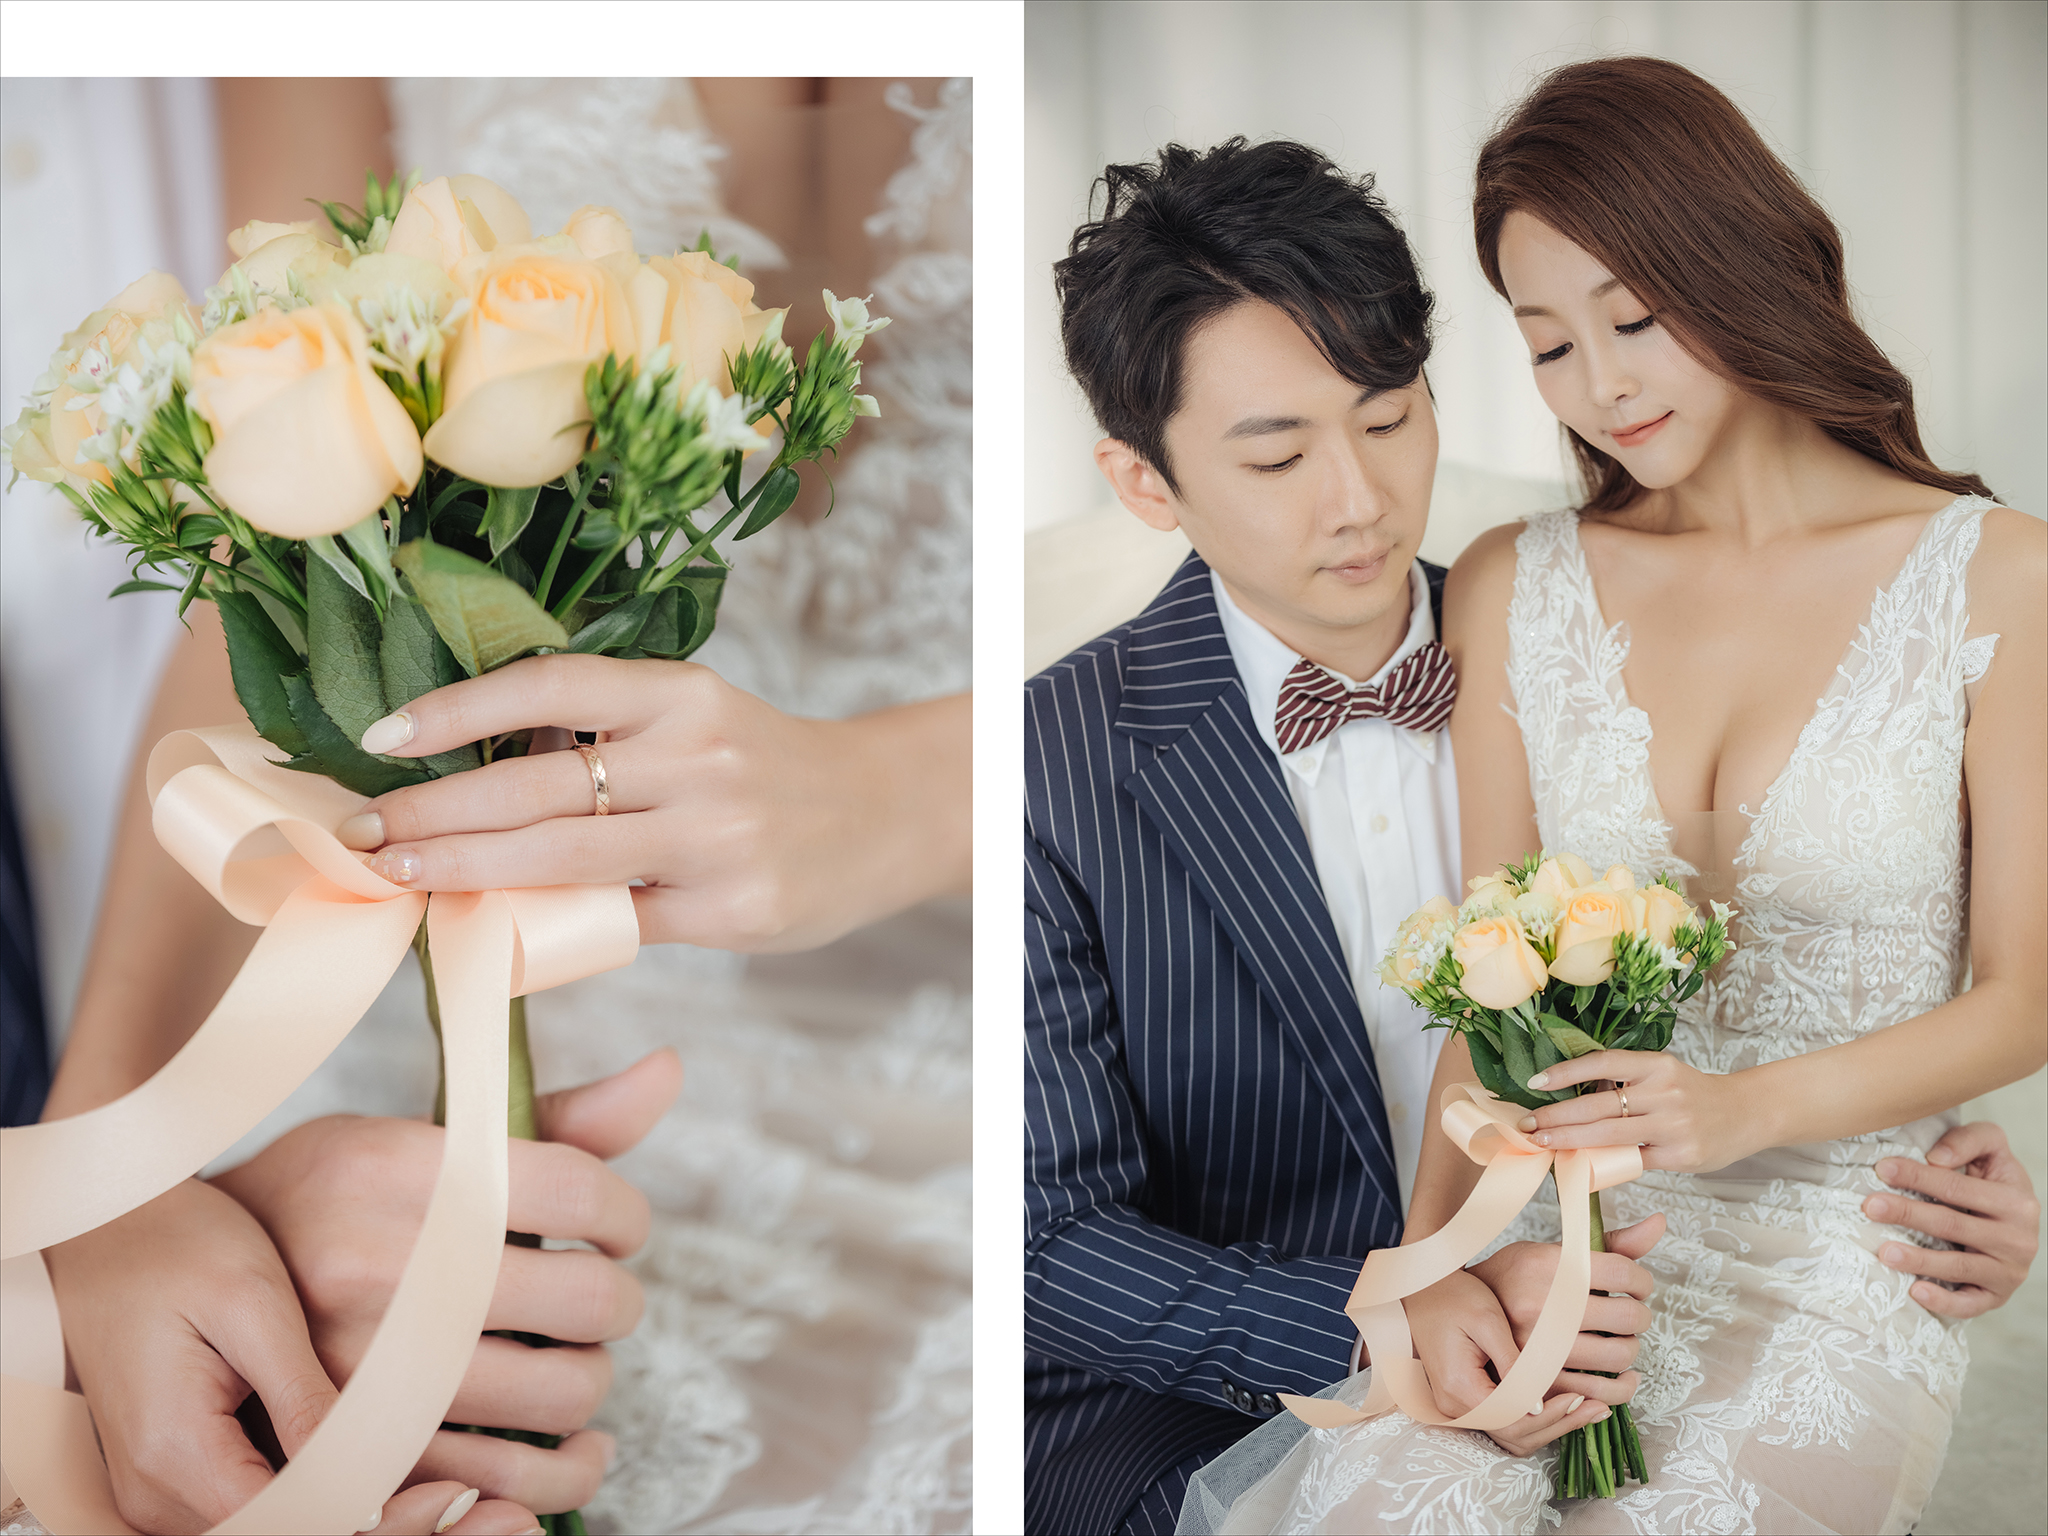 51009052531 6ec803111d o - 【自主婚紗】+于鈞&勁蒼+